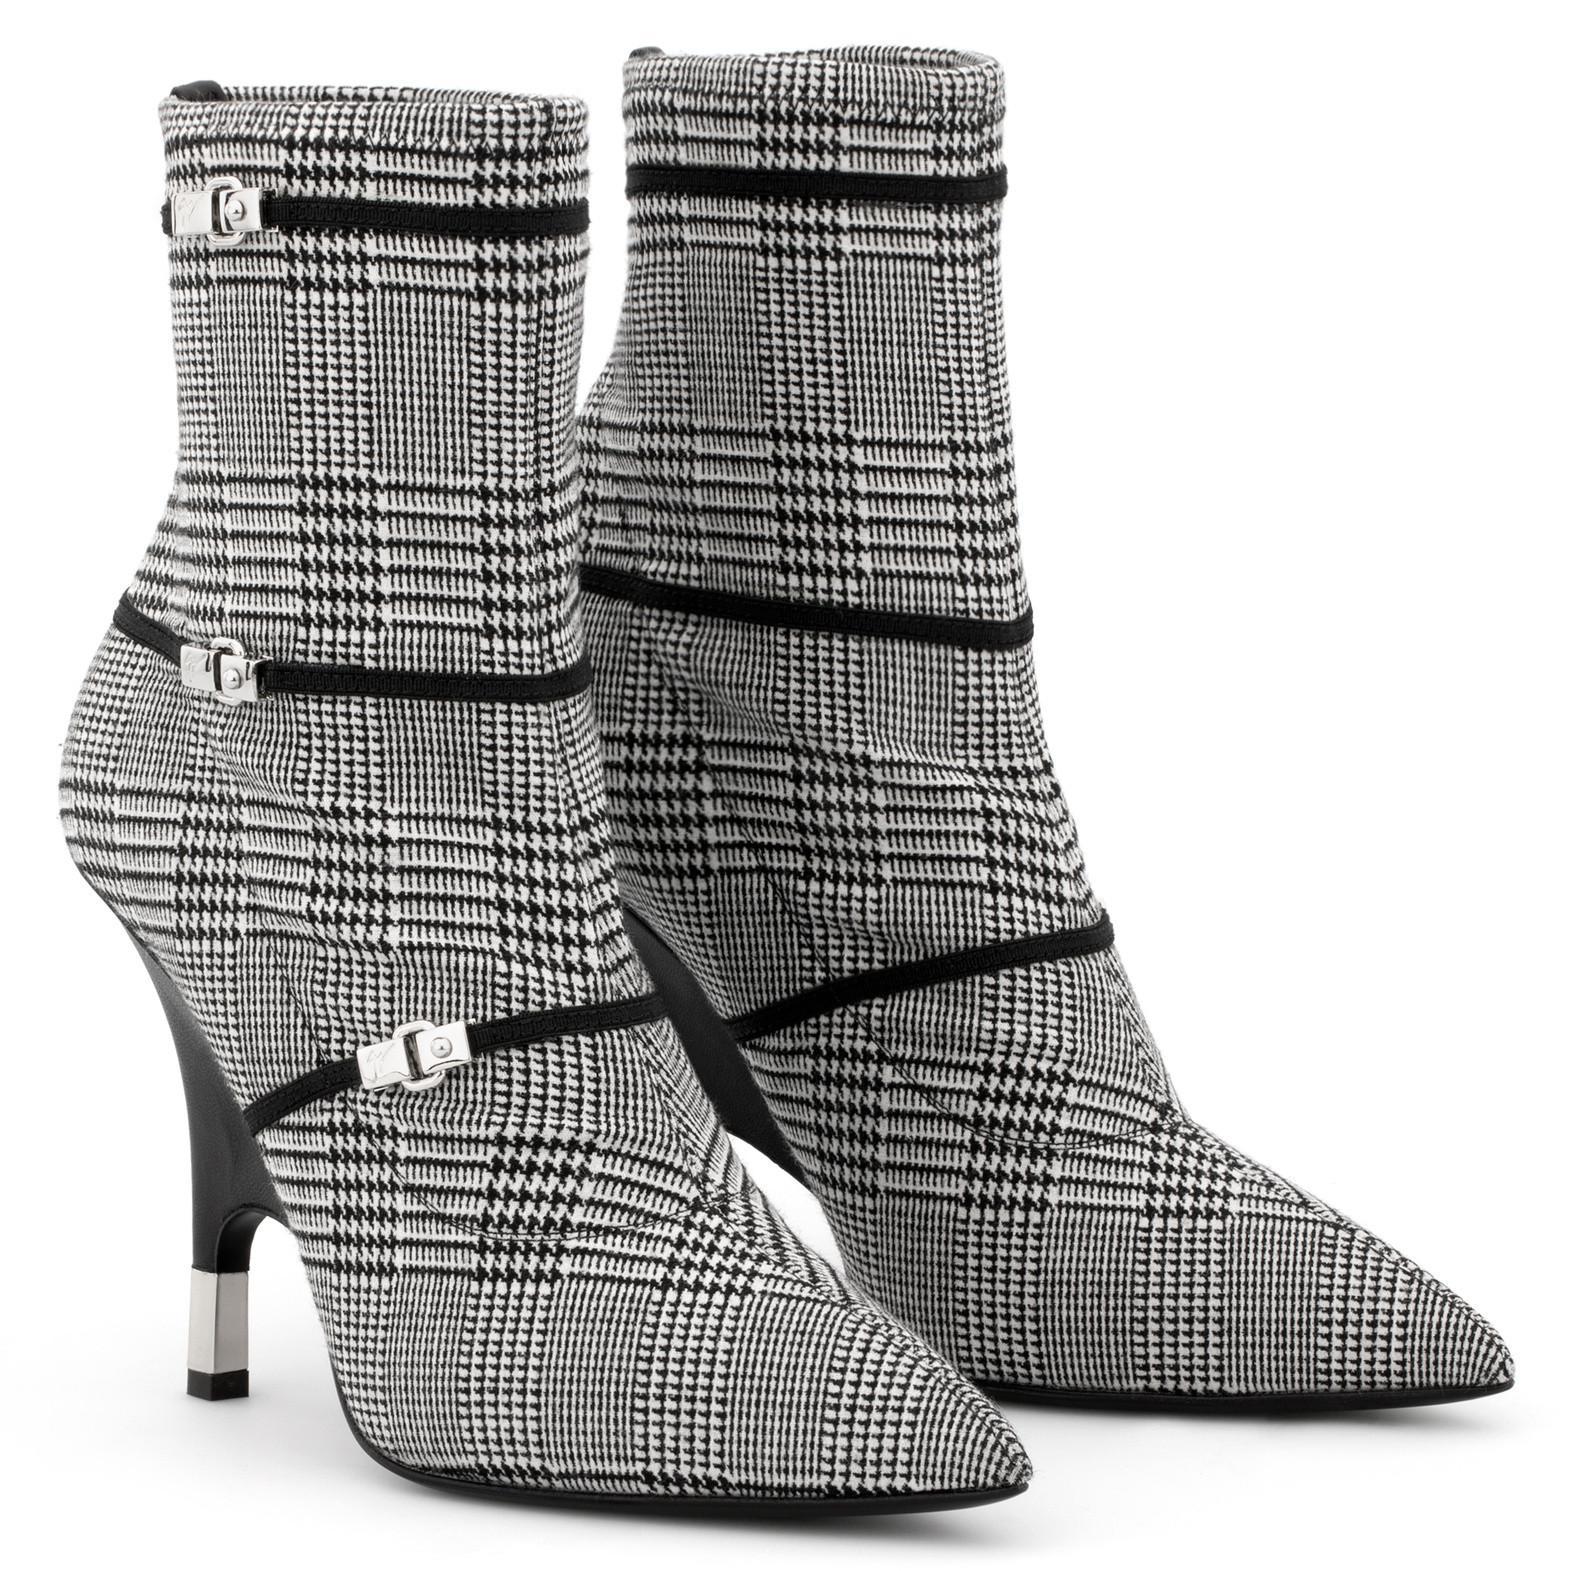 Giuseppe Zanotti Black and white embroidered boot JOLEEN SrTLUd9eIe